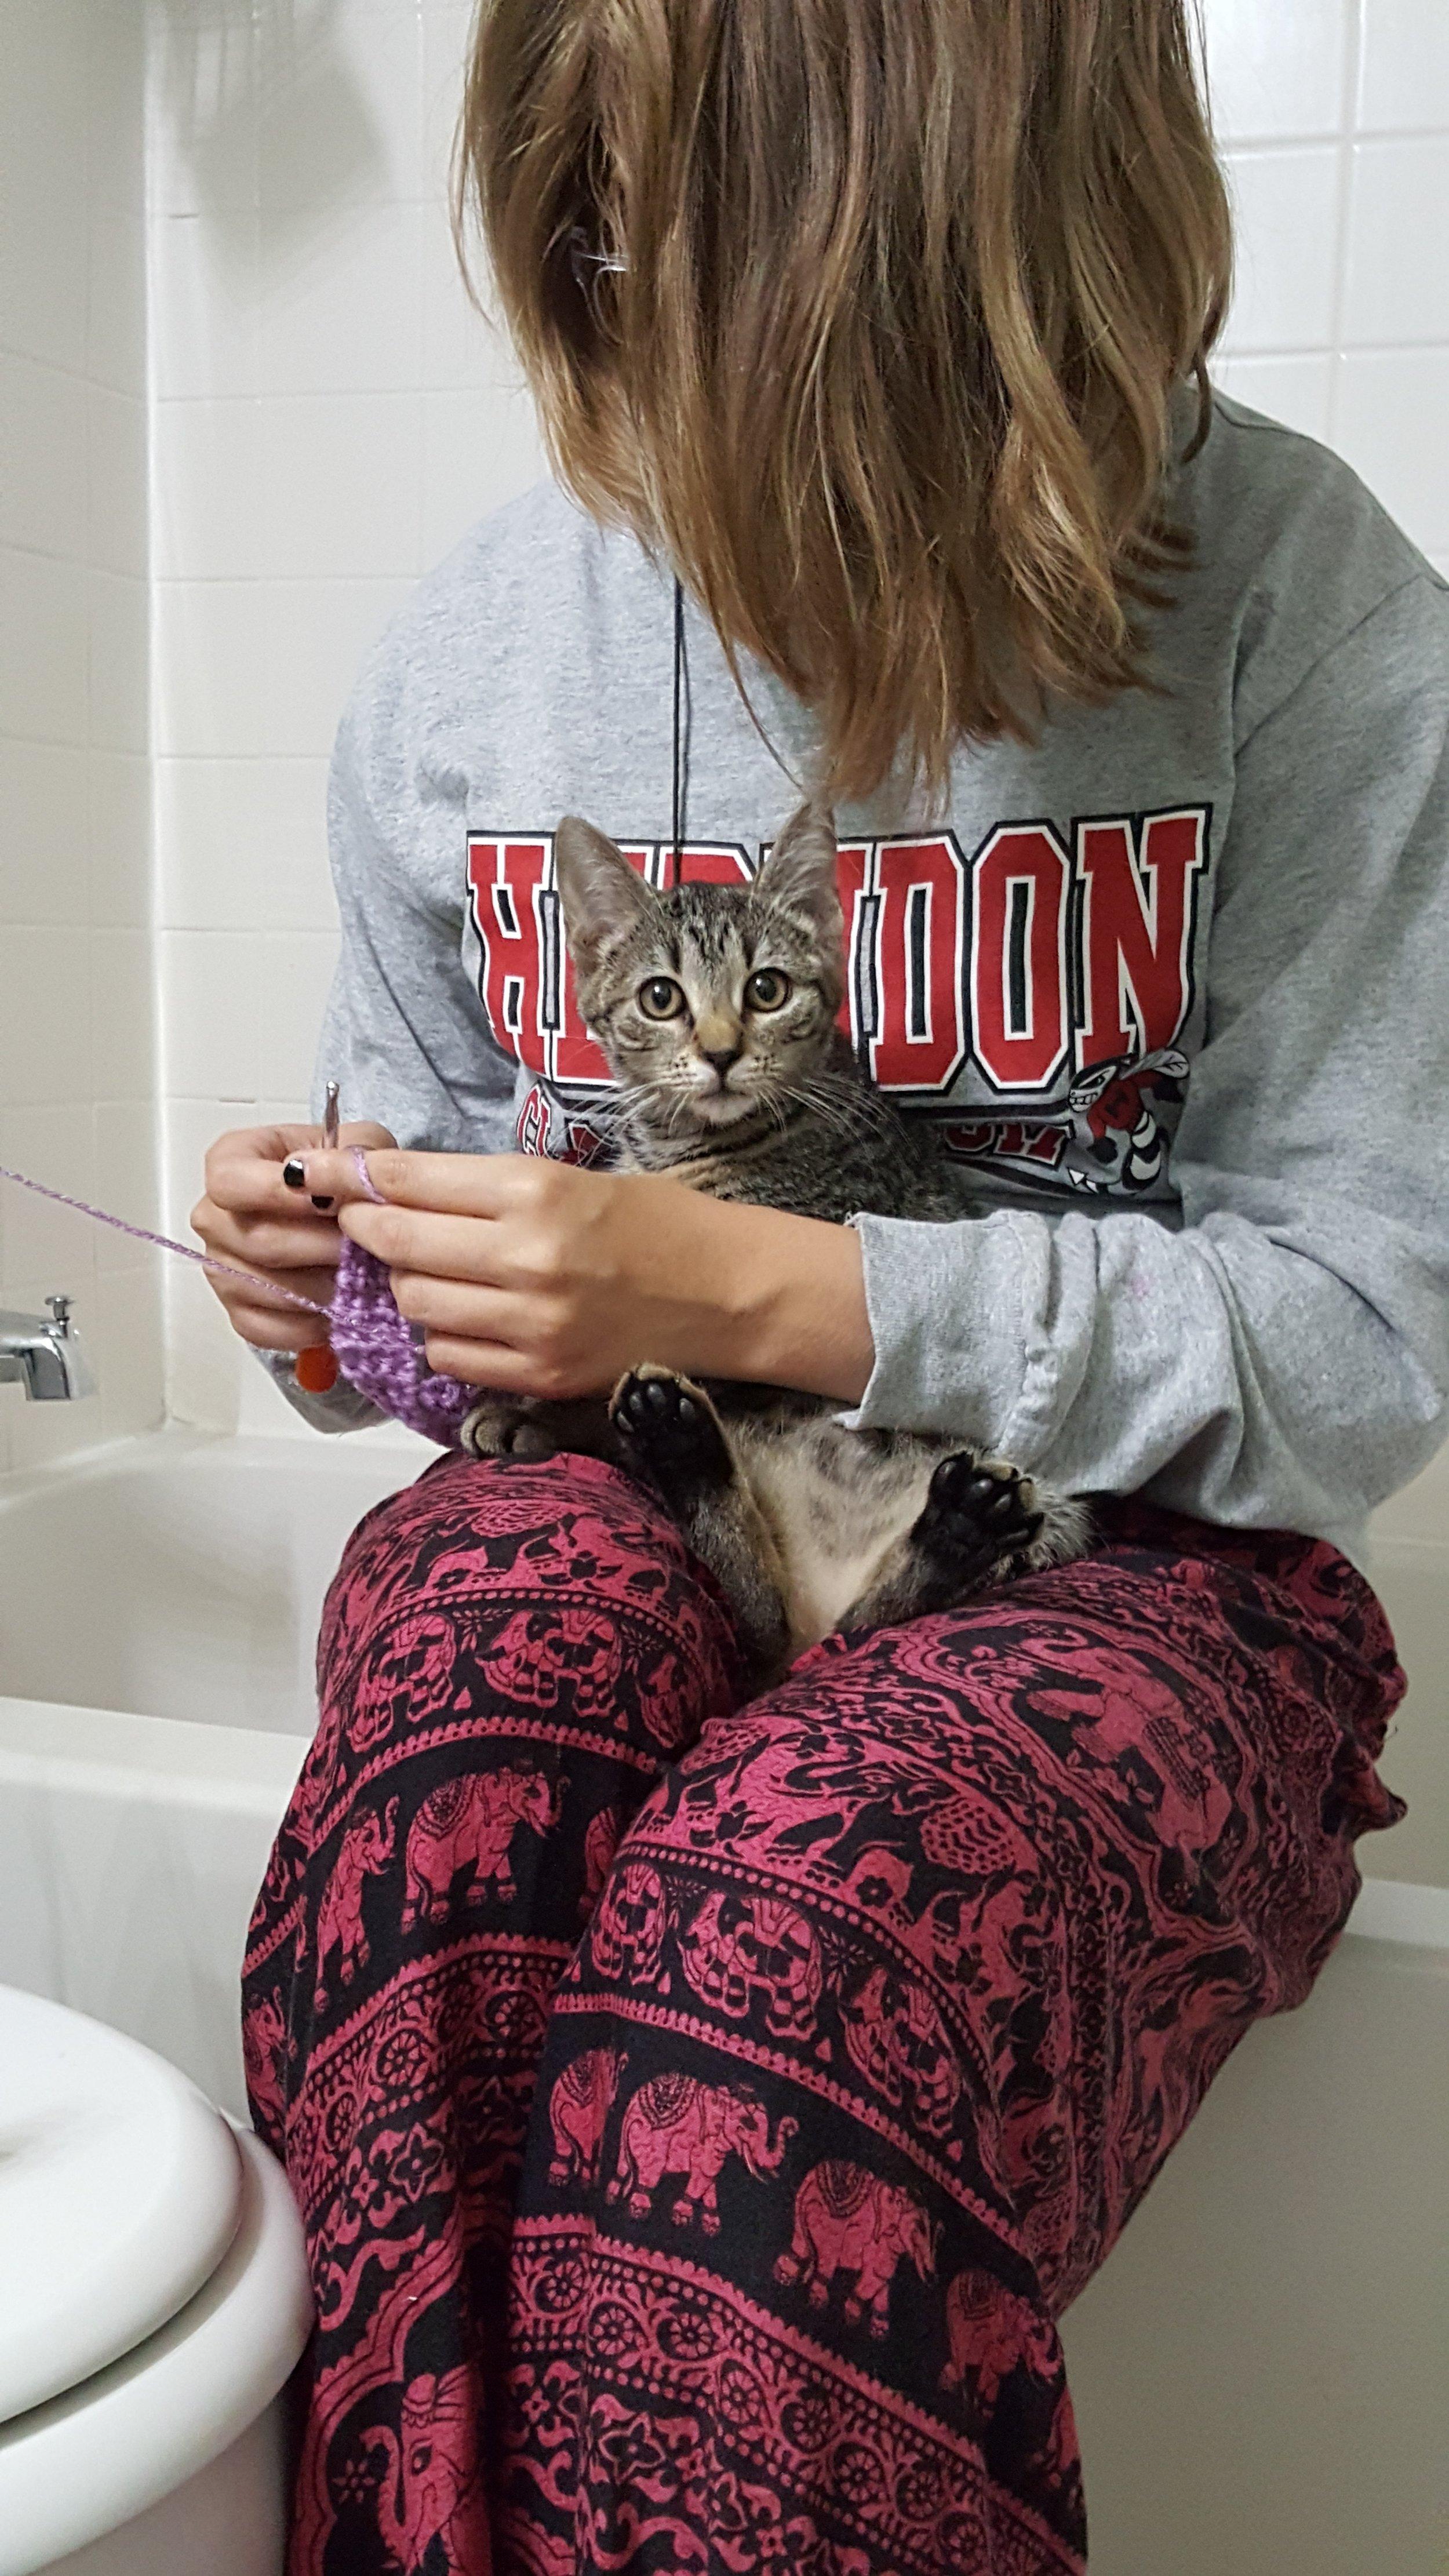 Teaching a kitten to crochet 😂